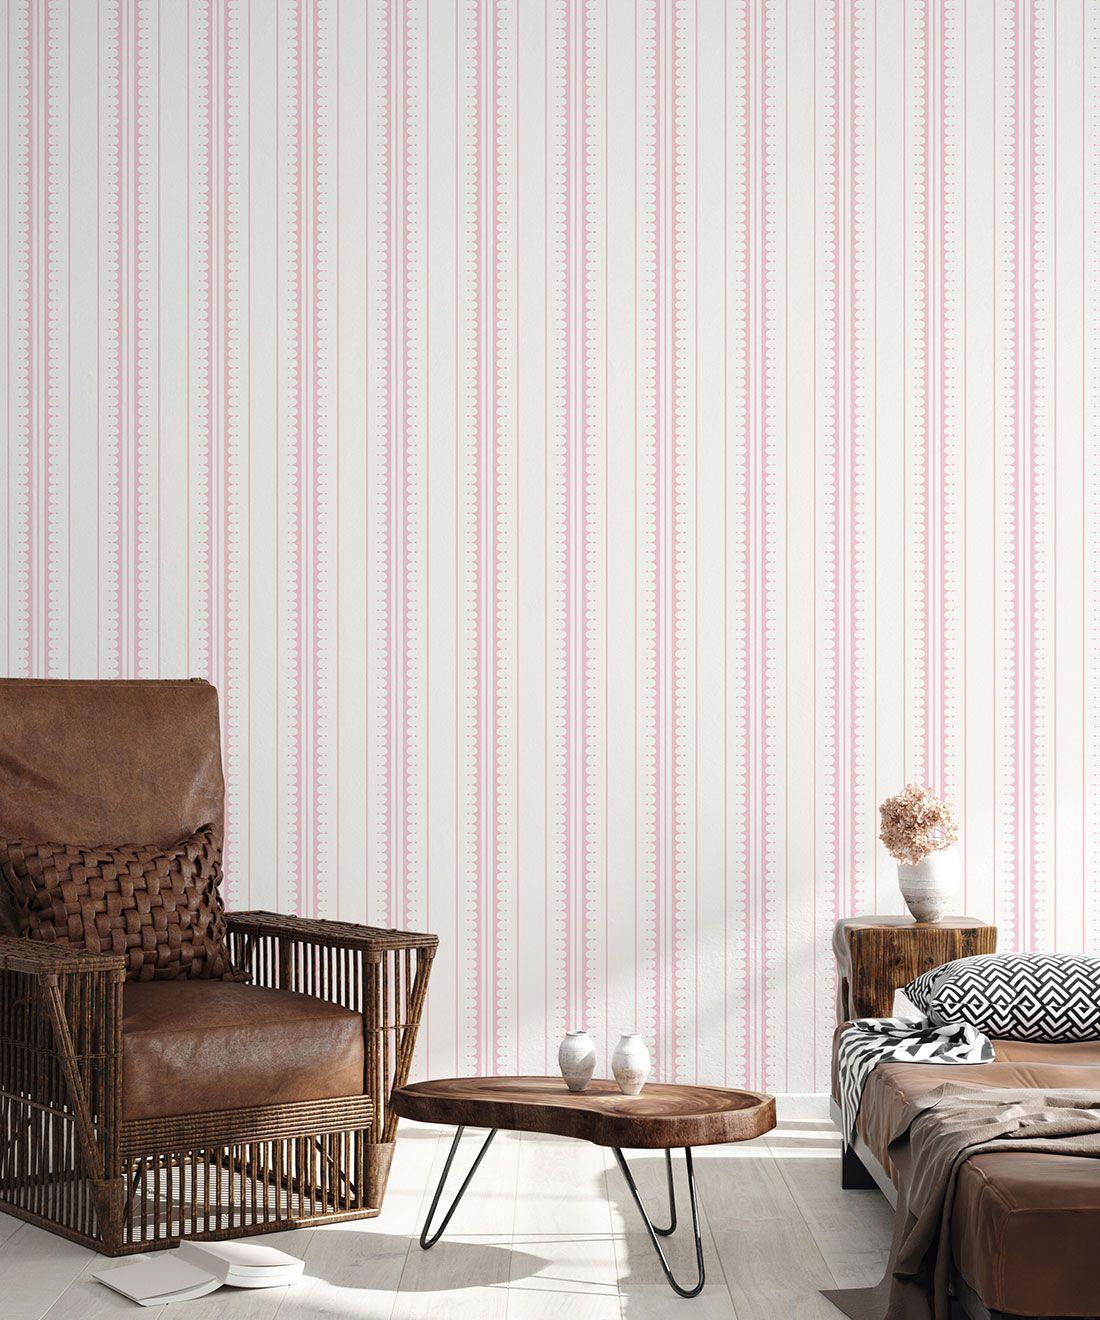 Coquille Wallpaper • Stripe and Scallop Wallpaper • Blush • Insitu